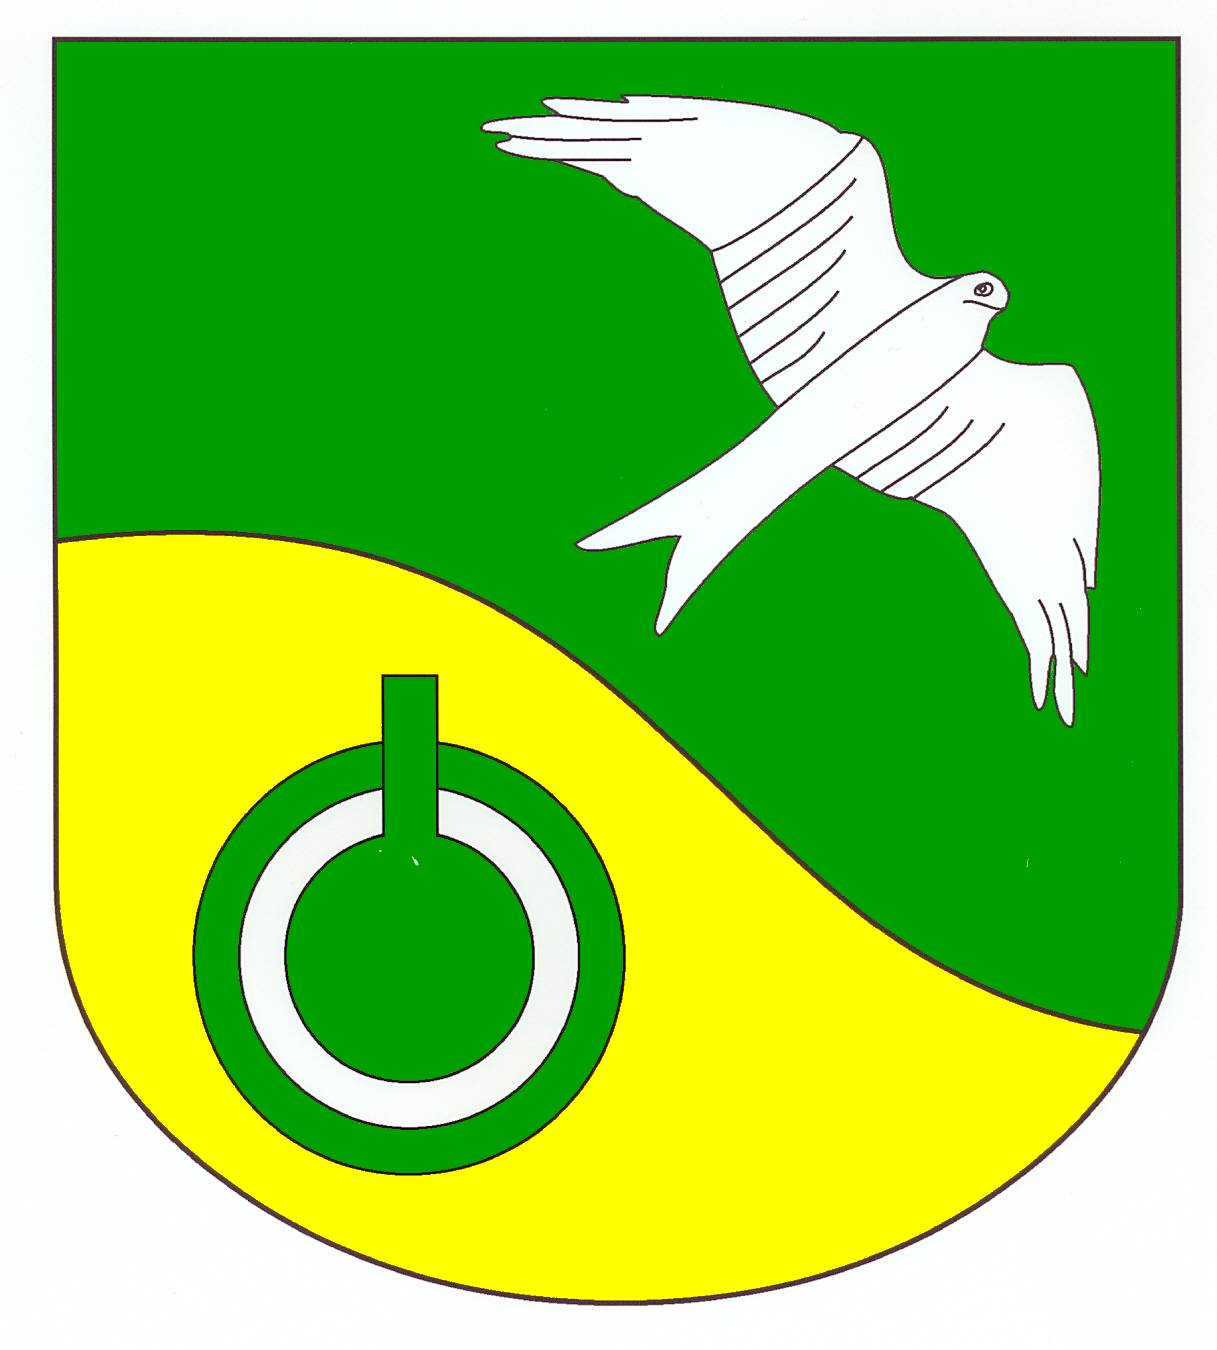 Wappen GemeindeSirksfelde, Kreis Herzogtum Lauenburg